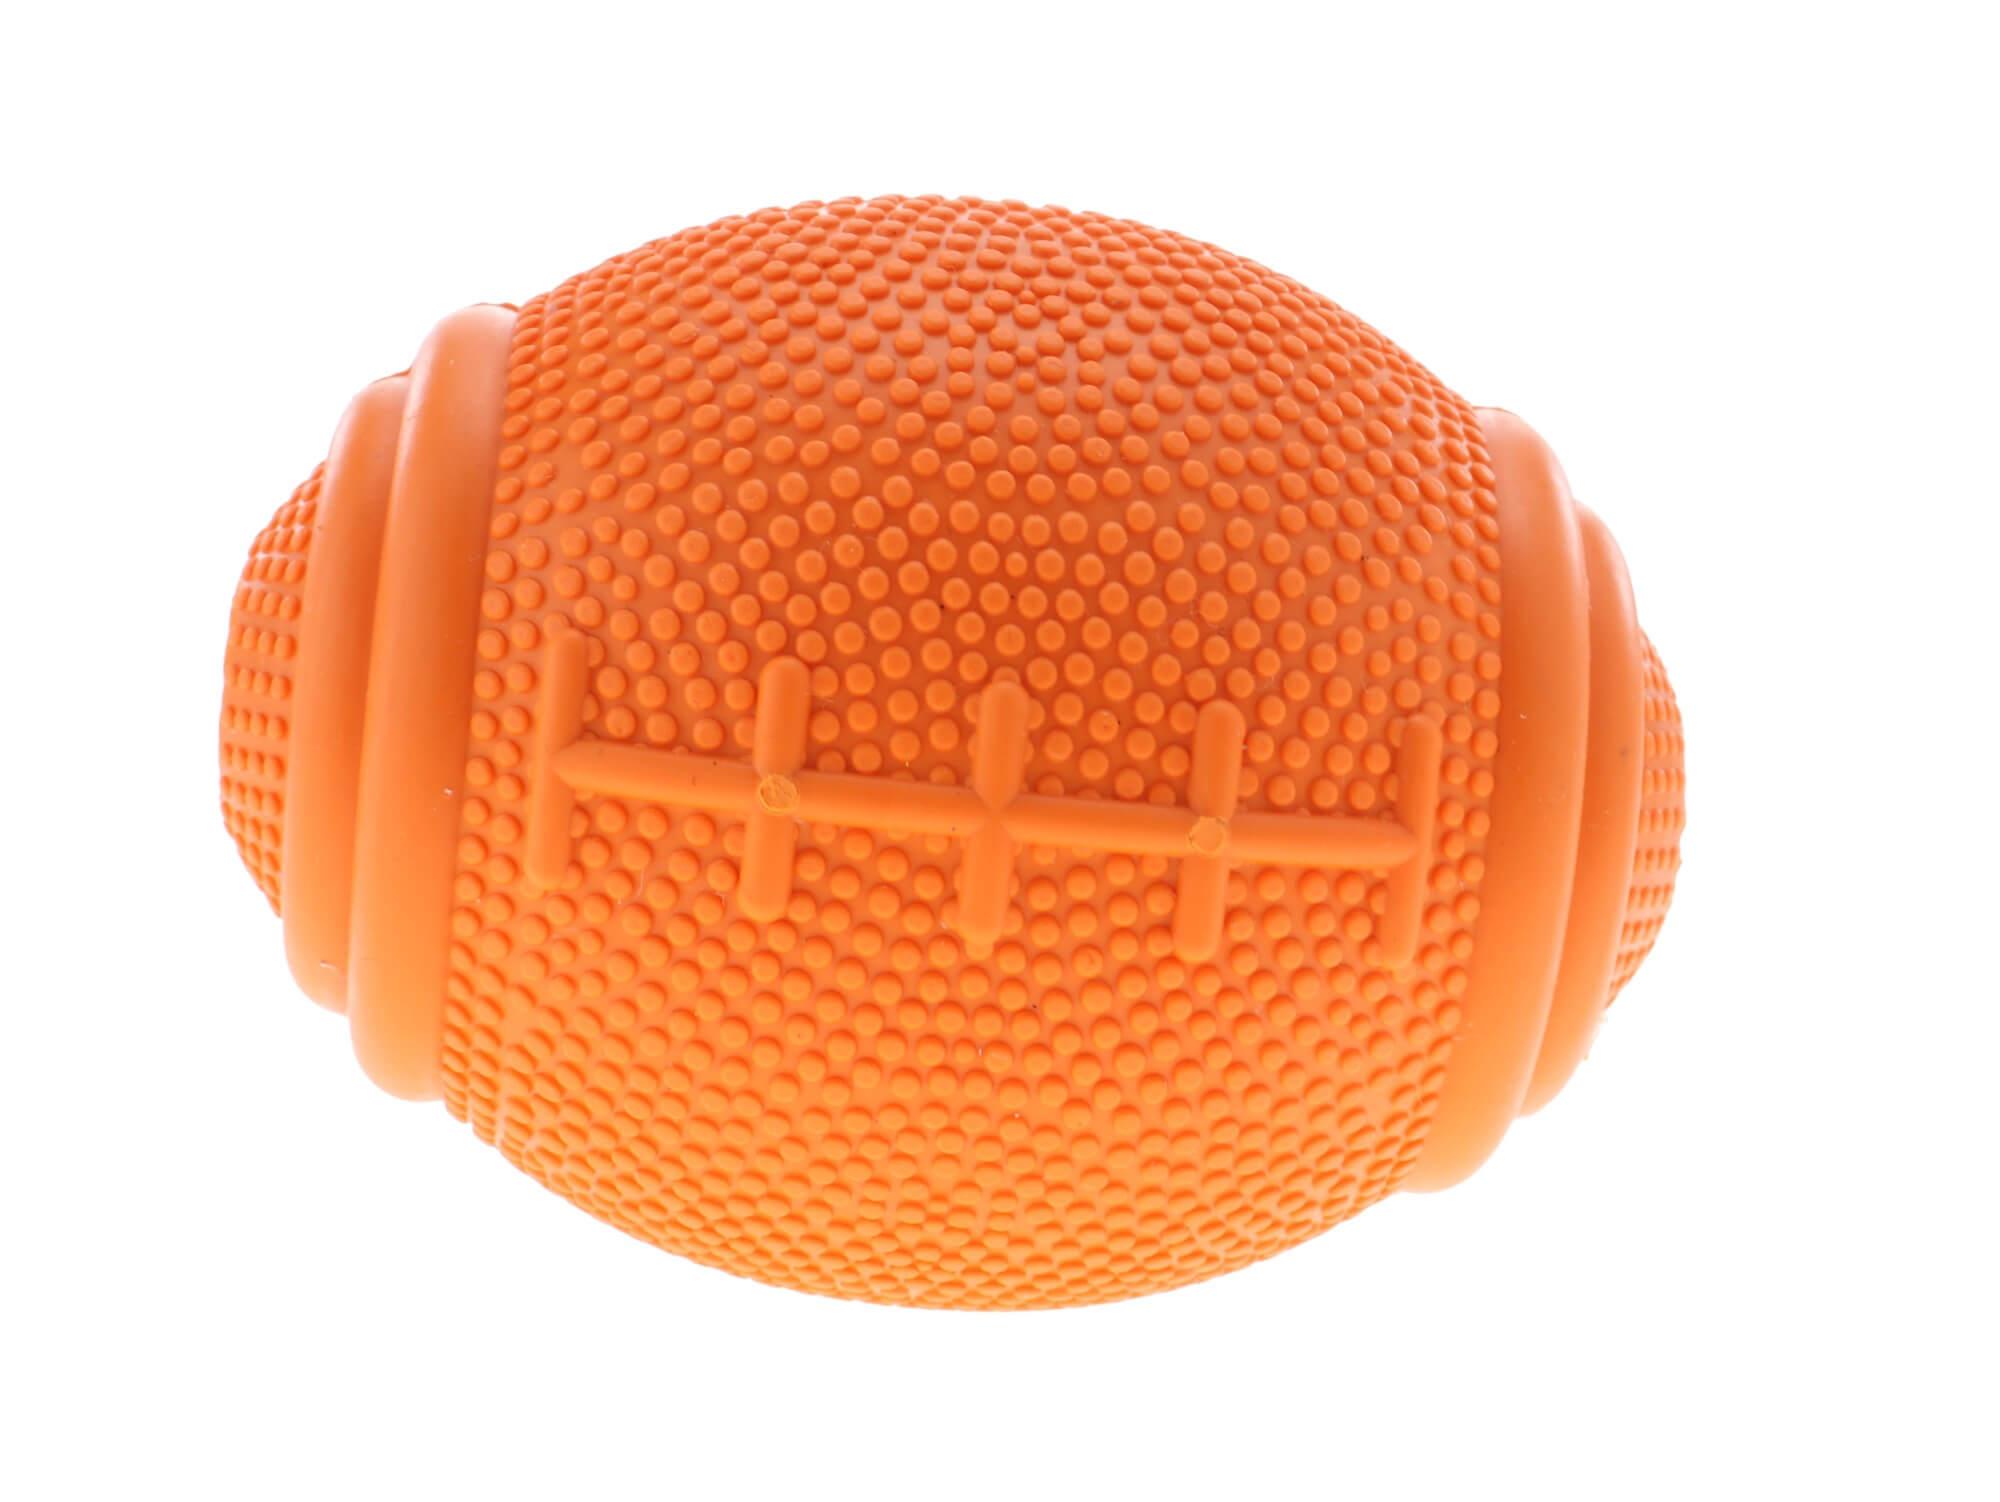 Vsepropejska Tegan ragby míč pro psa na pamlsky Barva: Oranžová, Rozměr: 8 cm